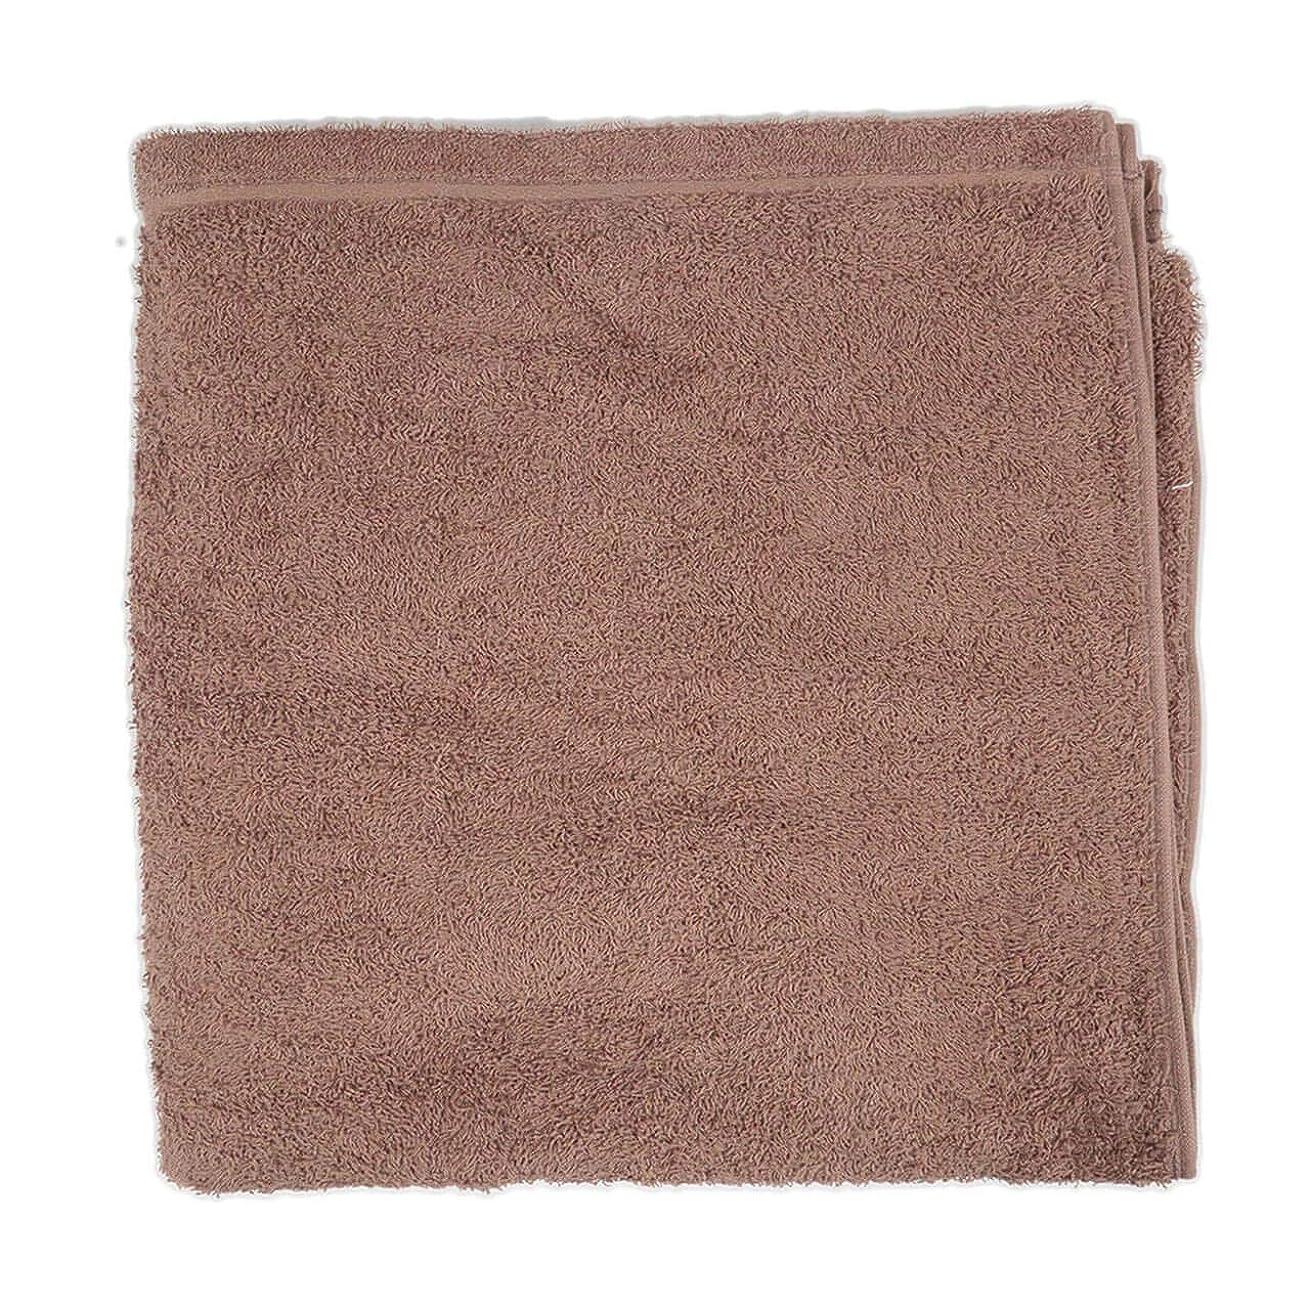 同意する強制的団結するエバモア 大判バスタオル ブラウン 約70×140cm em01-lt